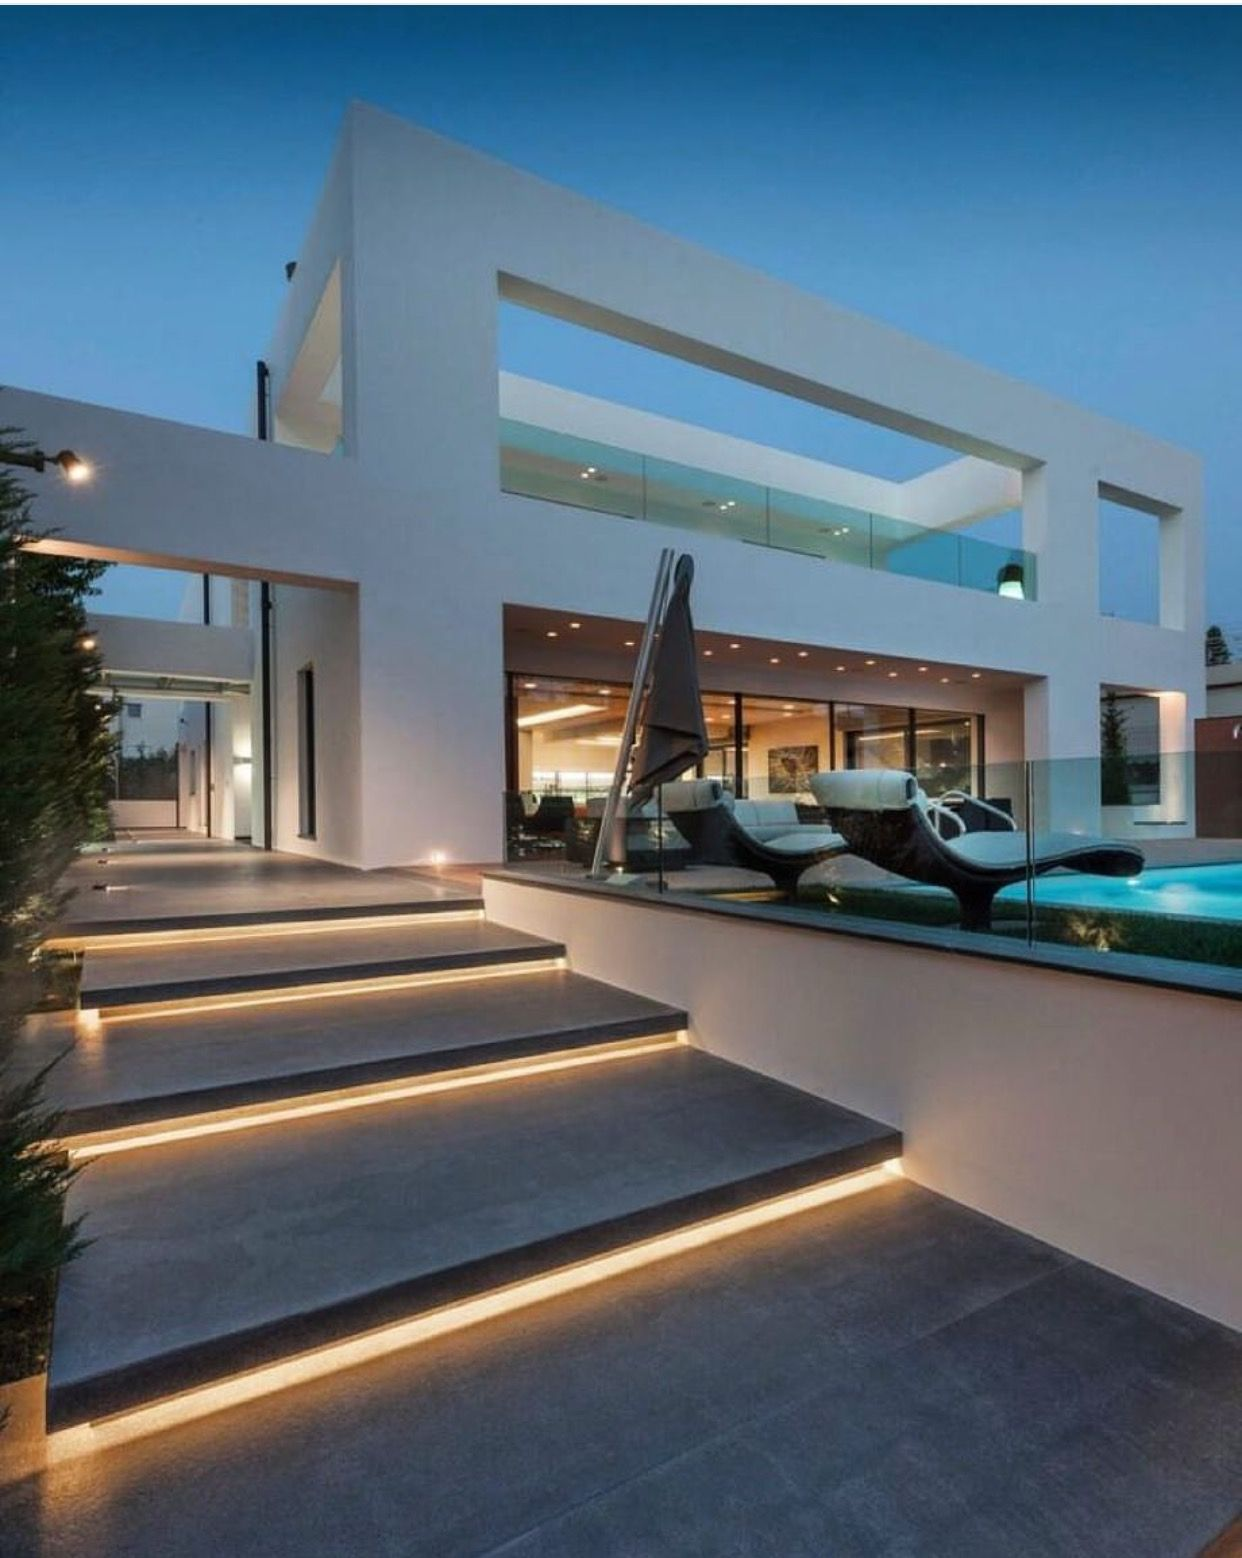 Pin de doris diaz en luxurious outdoor living pinterest - Escaleras de casas modernas ...